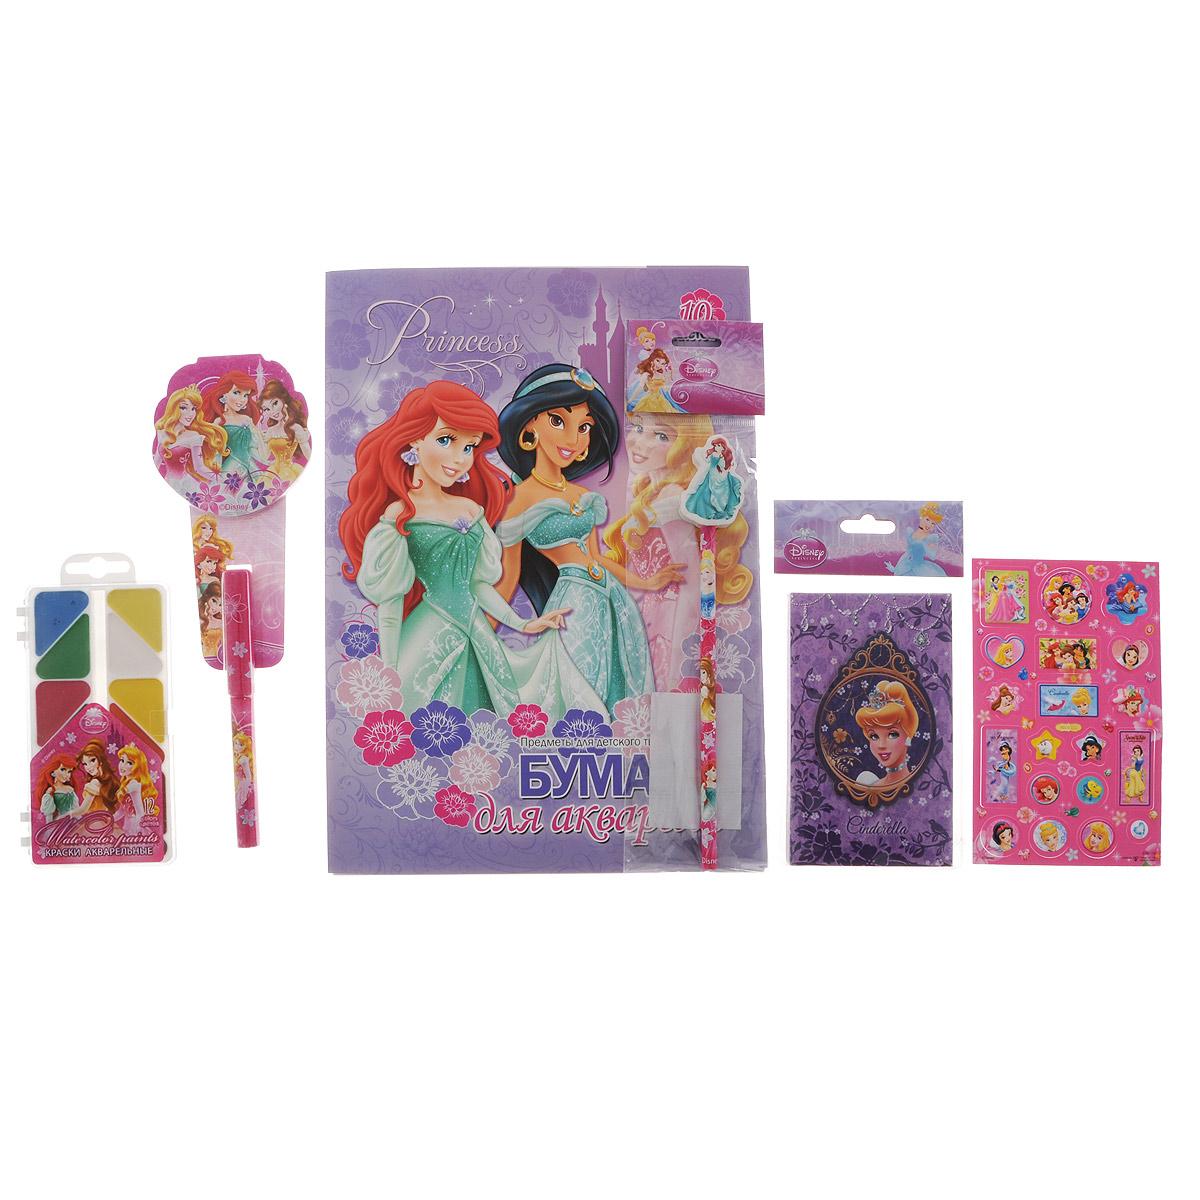 Подарочный канцелярский набор Disney Princess. PRСZ-US1-AZ15-BOX295Канцелярский набор Disney Princess станет незаменимым атрибутом в учебе любой школьницы.Он включает в себя 10 листов бумаги для акварели, чернографитный карандаш с ластиком, телефонную книжку, лист с объемными стикерами, акварельные краски в футляре (12 цветов), небольшой блокнотик и ручку.Все предметы набора оформлены изображениями диснеевских принцесс. Упакован набор в картонную подарочную упаковку. УВАЖАЕМЫЕ КЛИЕНТЫ! Обращаем ваше внимание на возможные изменения в дизайне предметов набора, связанные с ассортиментом продукции. Поставка осуществляется в зависимости от наличия на складе.